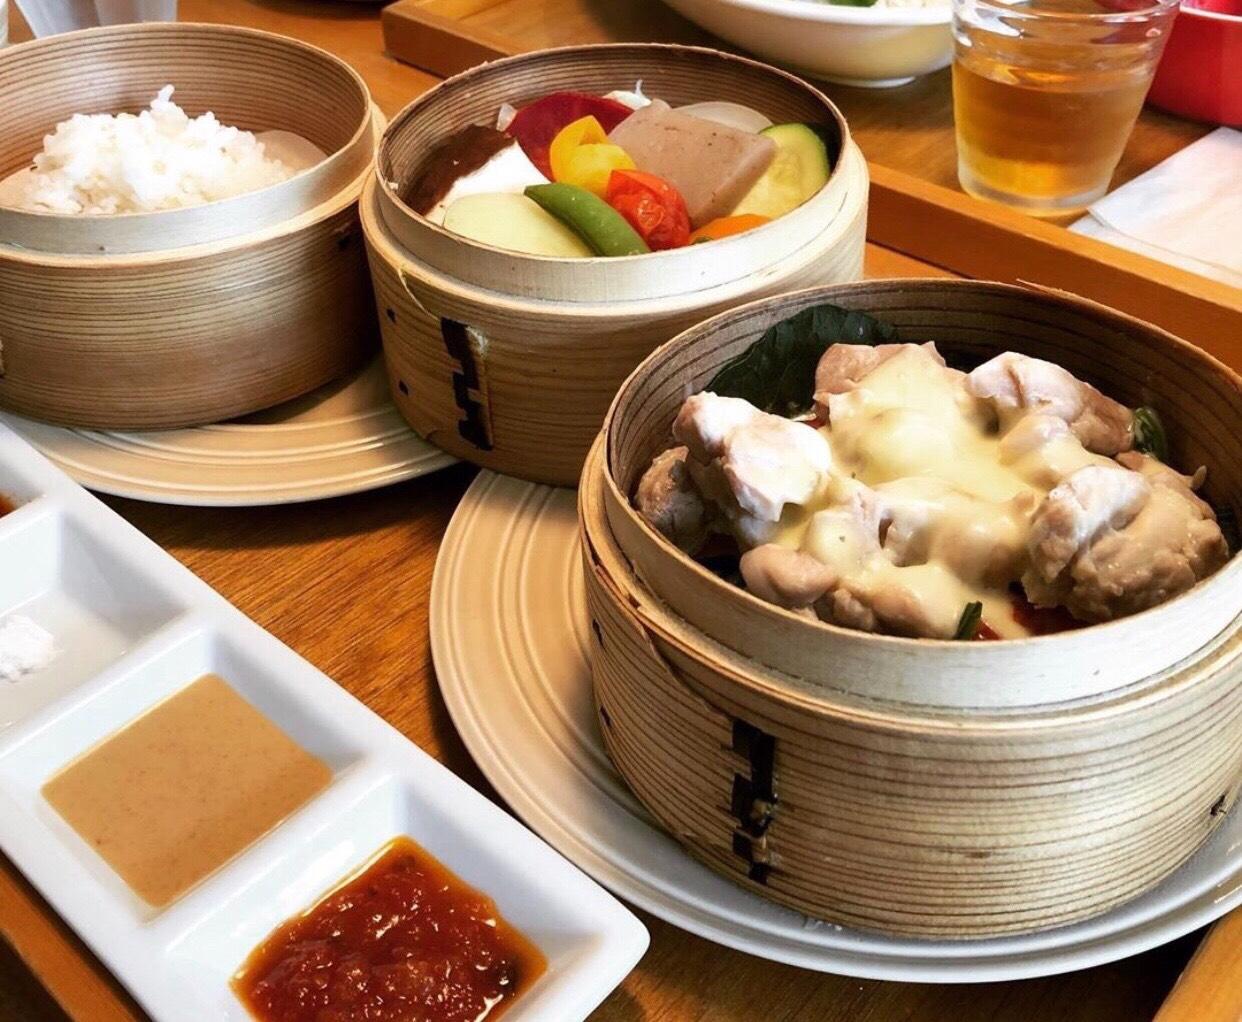 鳴海|無農薬野菜のランチと、最高級の紅茶で幸せ溢れるレストラン